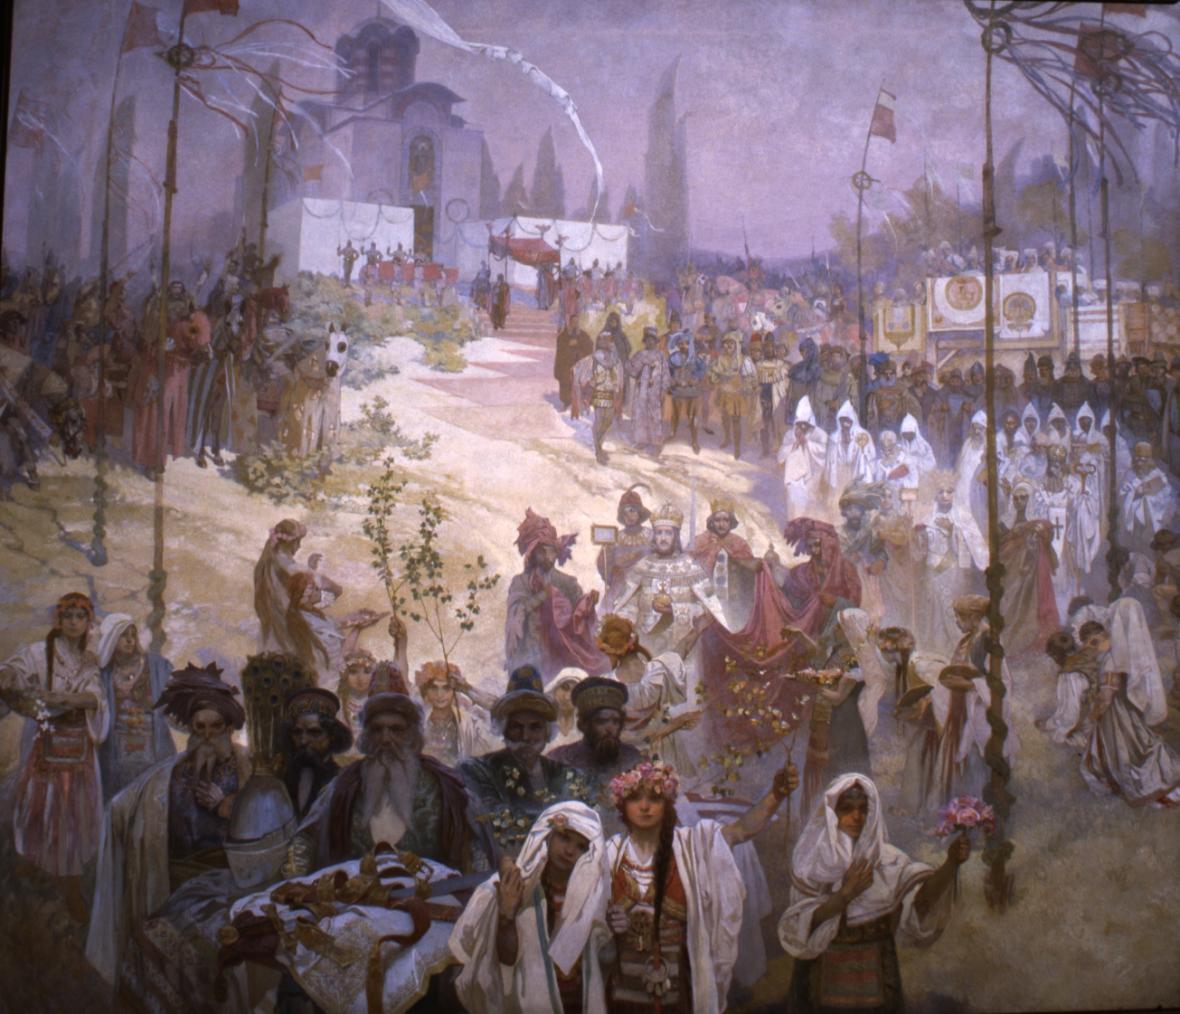 Korunovace cara srbského Štěpána Dušana na cara východořímského (1346), 1923, vaječná tempera, olej, plátno, 405 x 480 cm